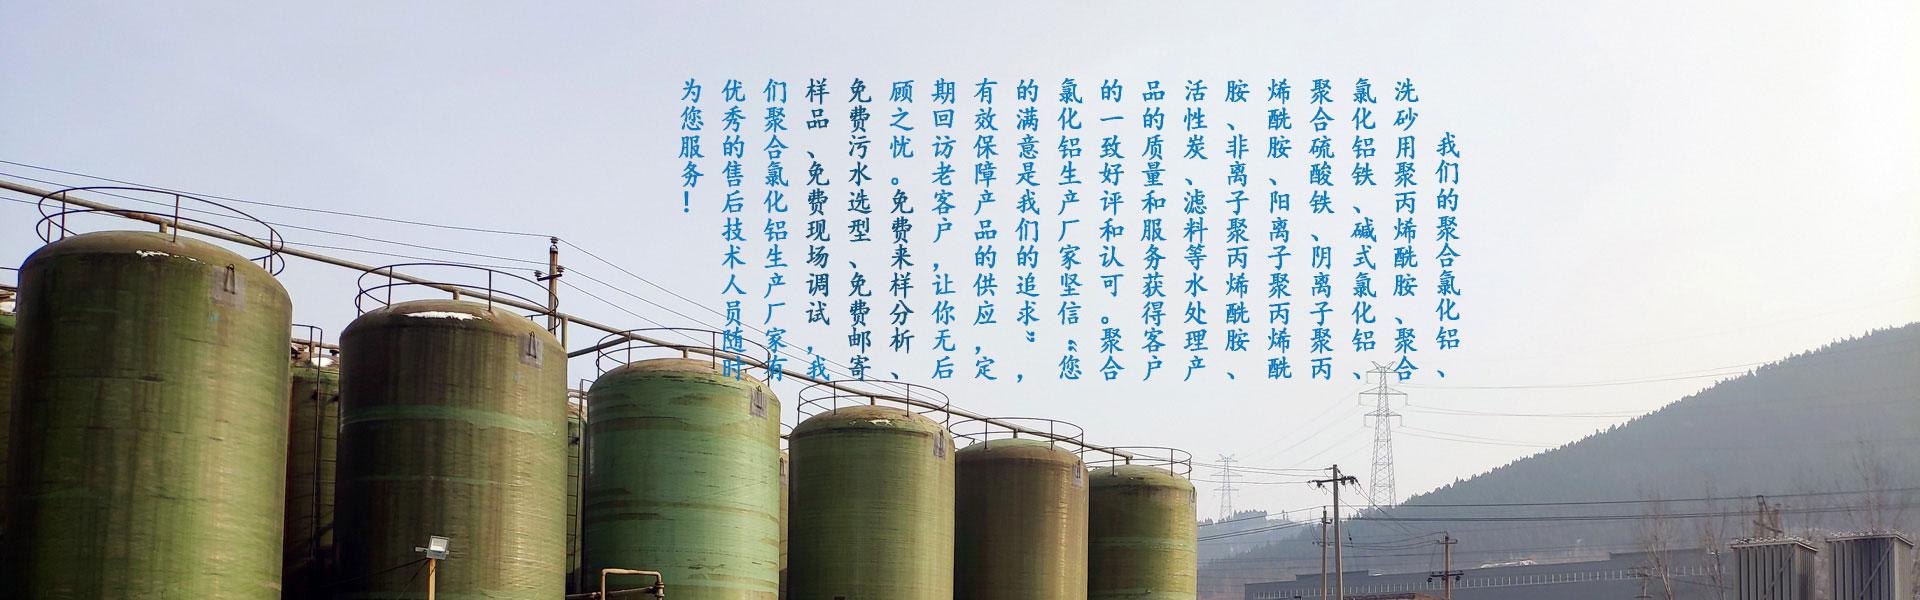 聚合氯化铝生产厂家首页图3